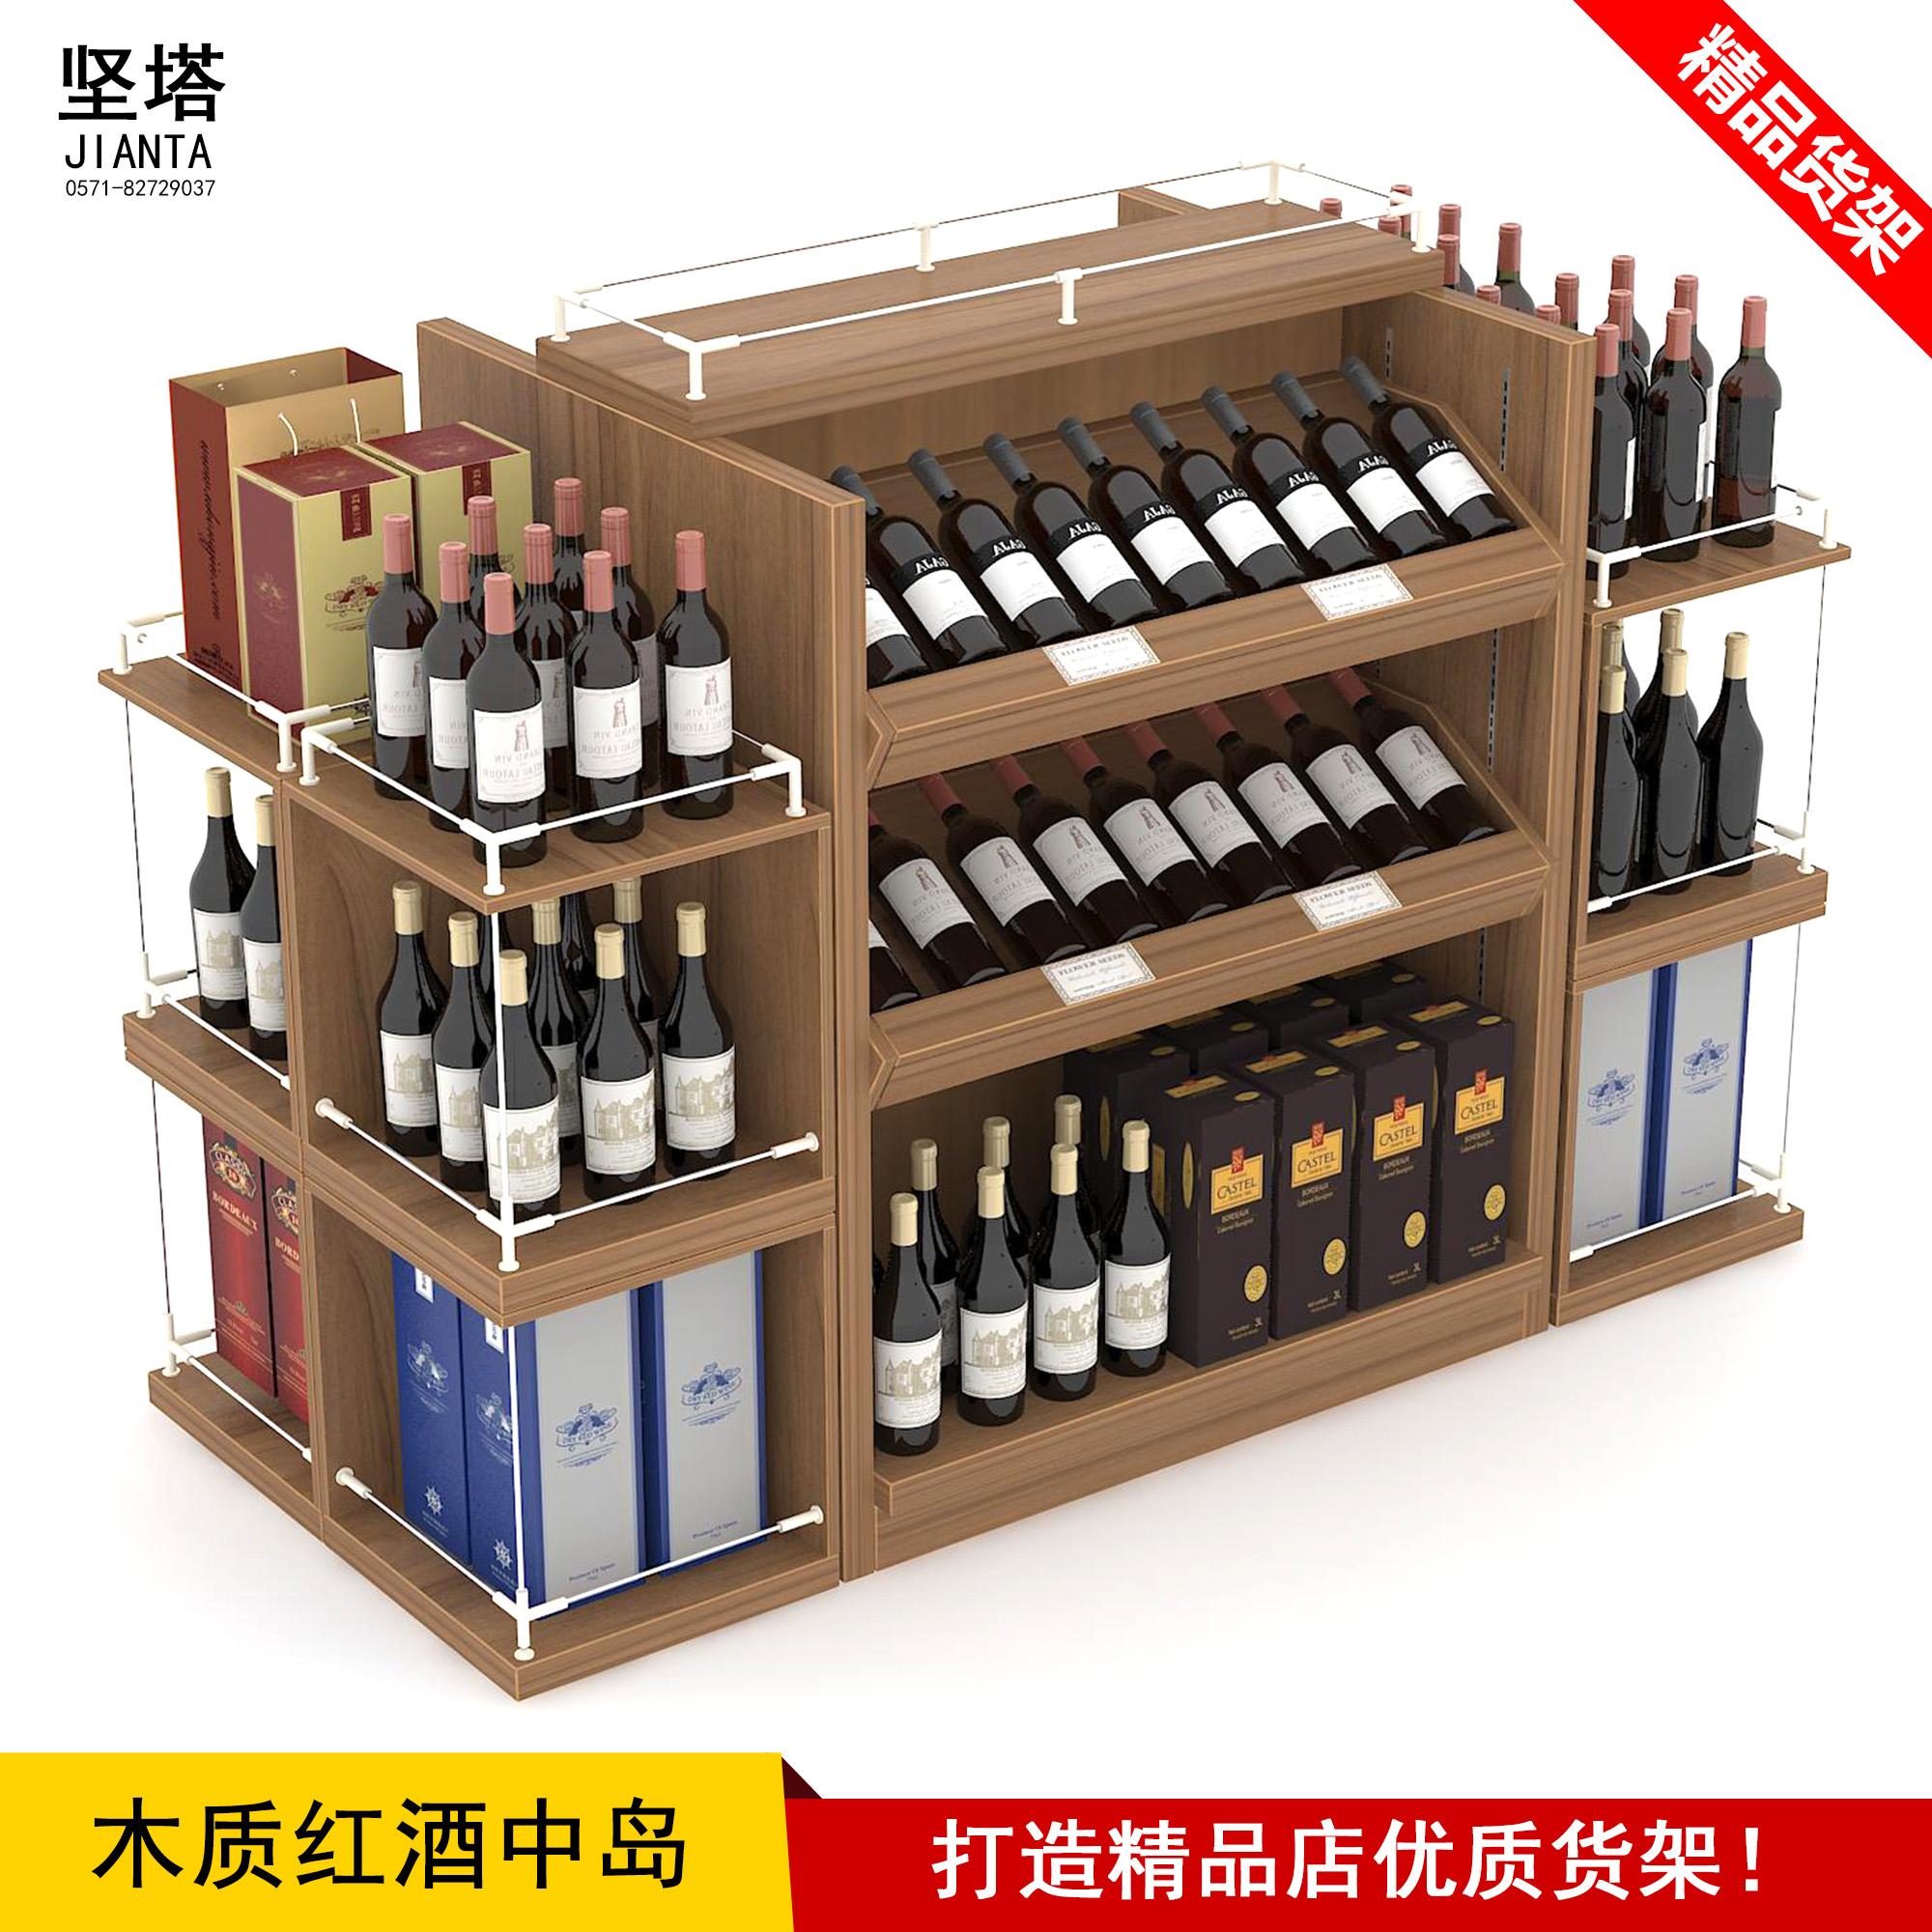 坚塔红酒展示柜展架定制拆装木质多层葡萄酒货架陈列架厂家直销